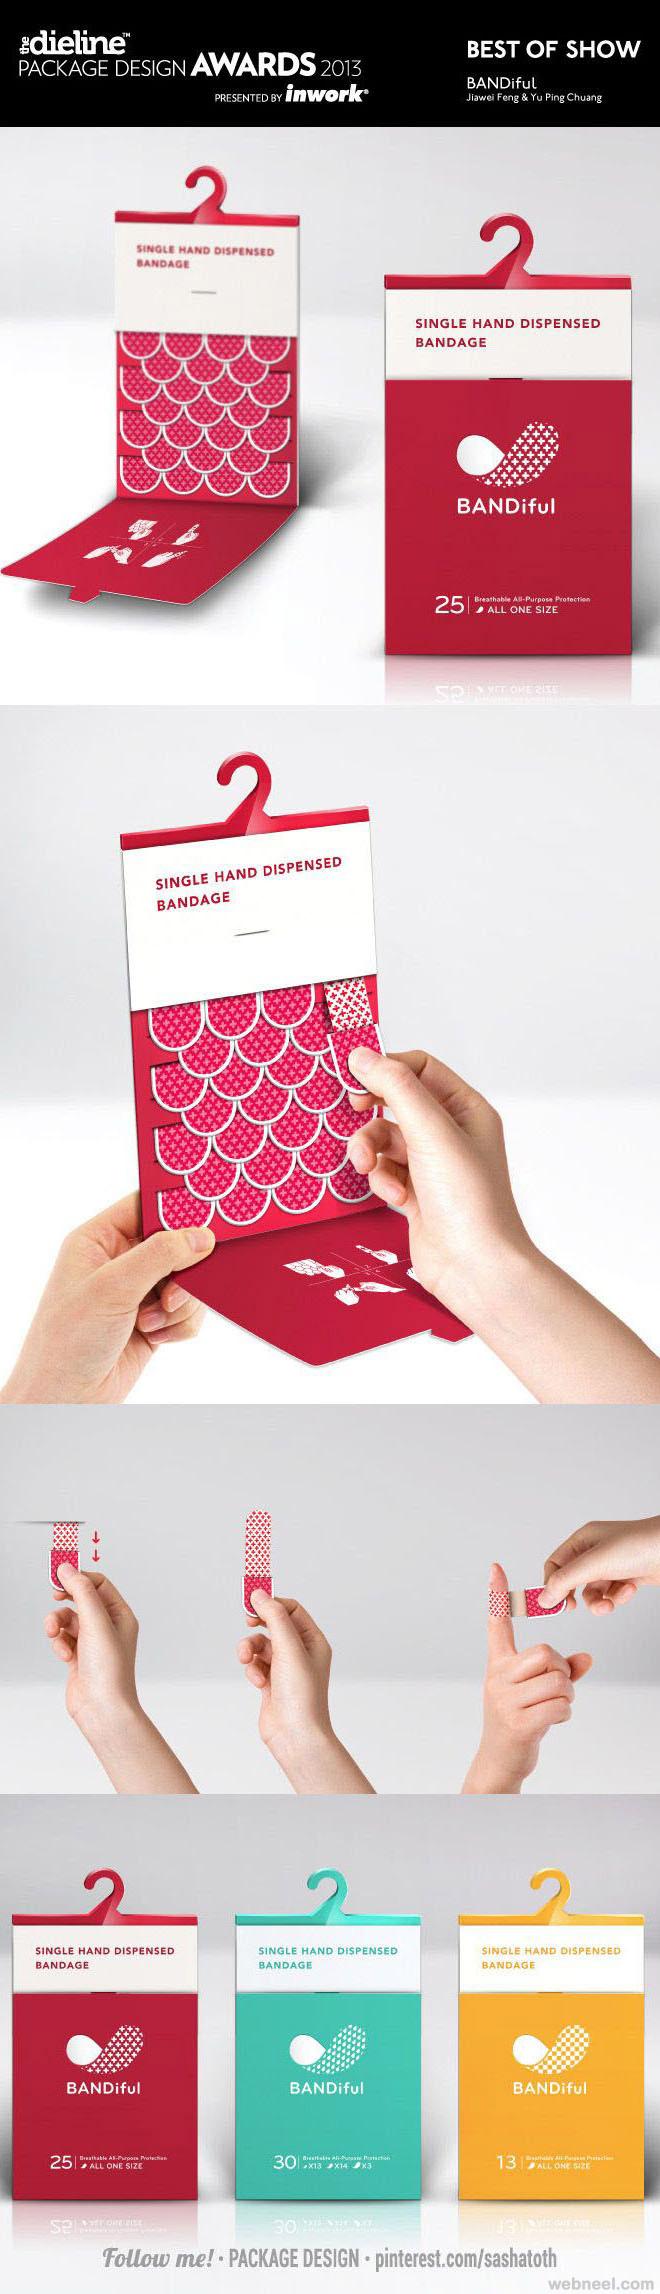 bandage brilliant packaging design